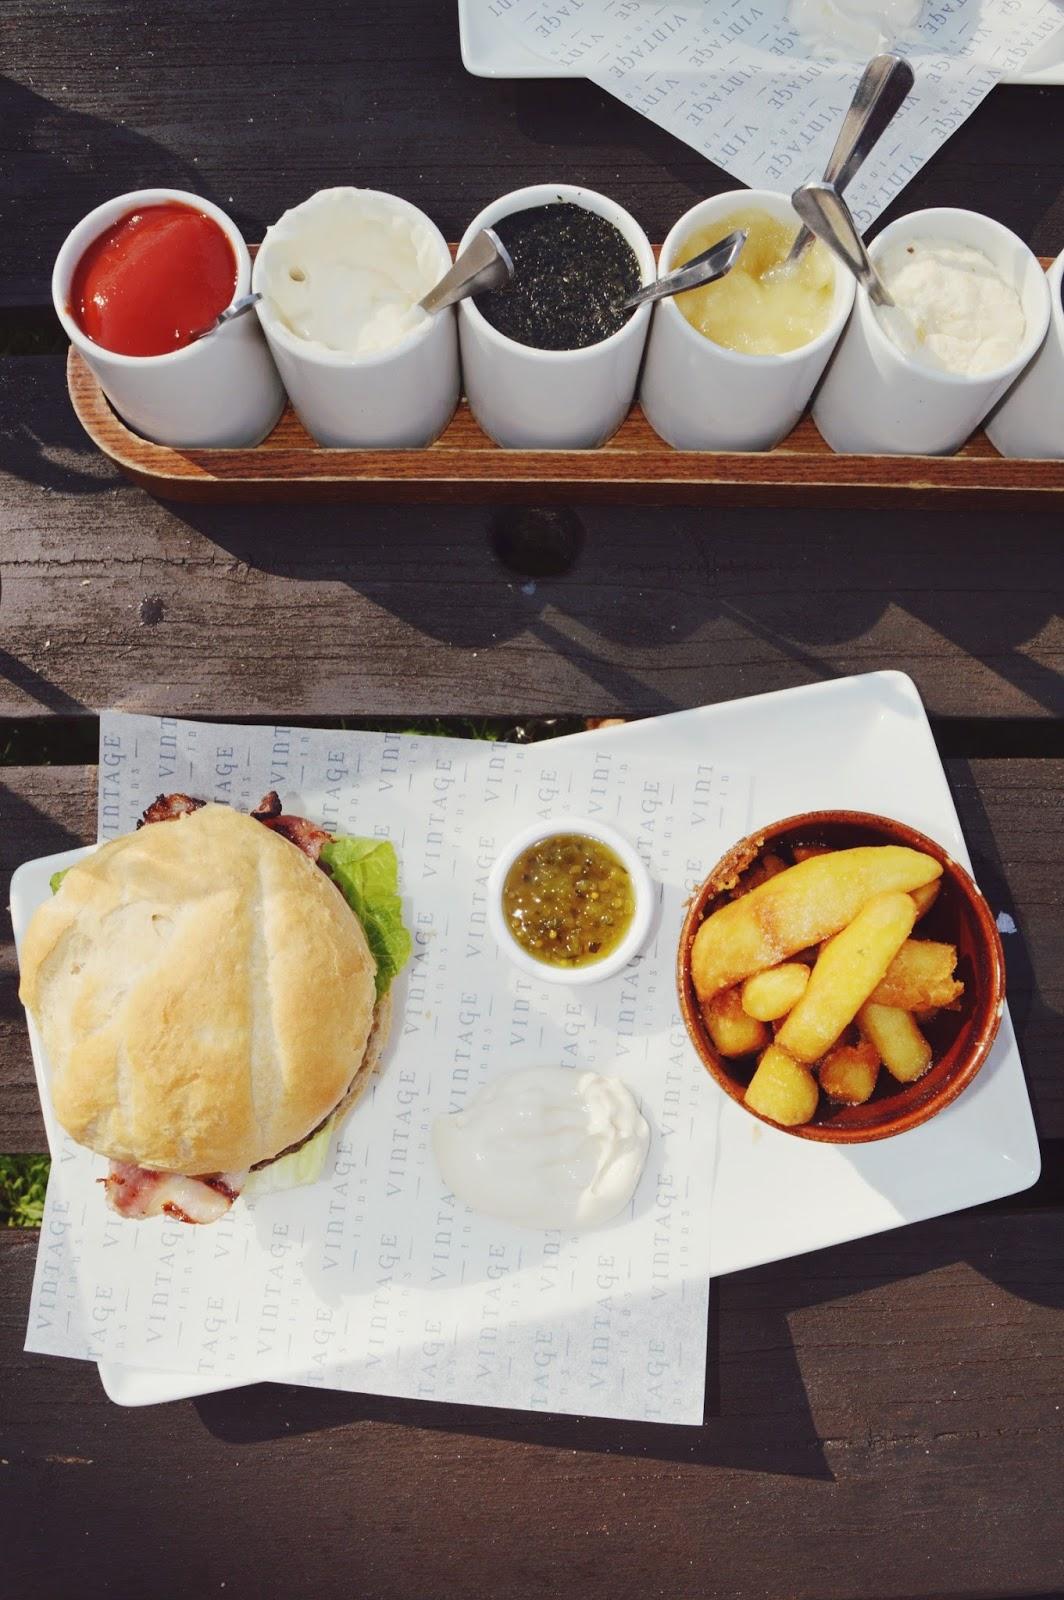 lifestyle bloggers, FashionFake, Hampshire country pub